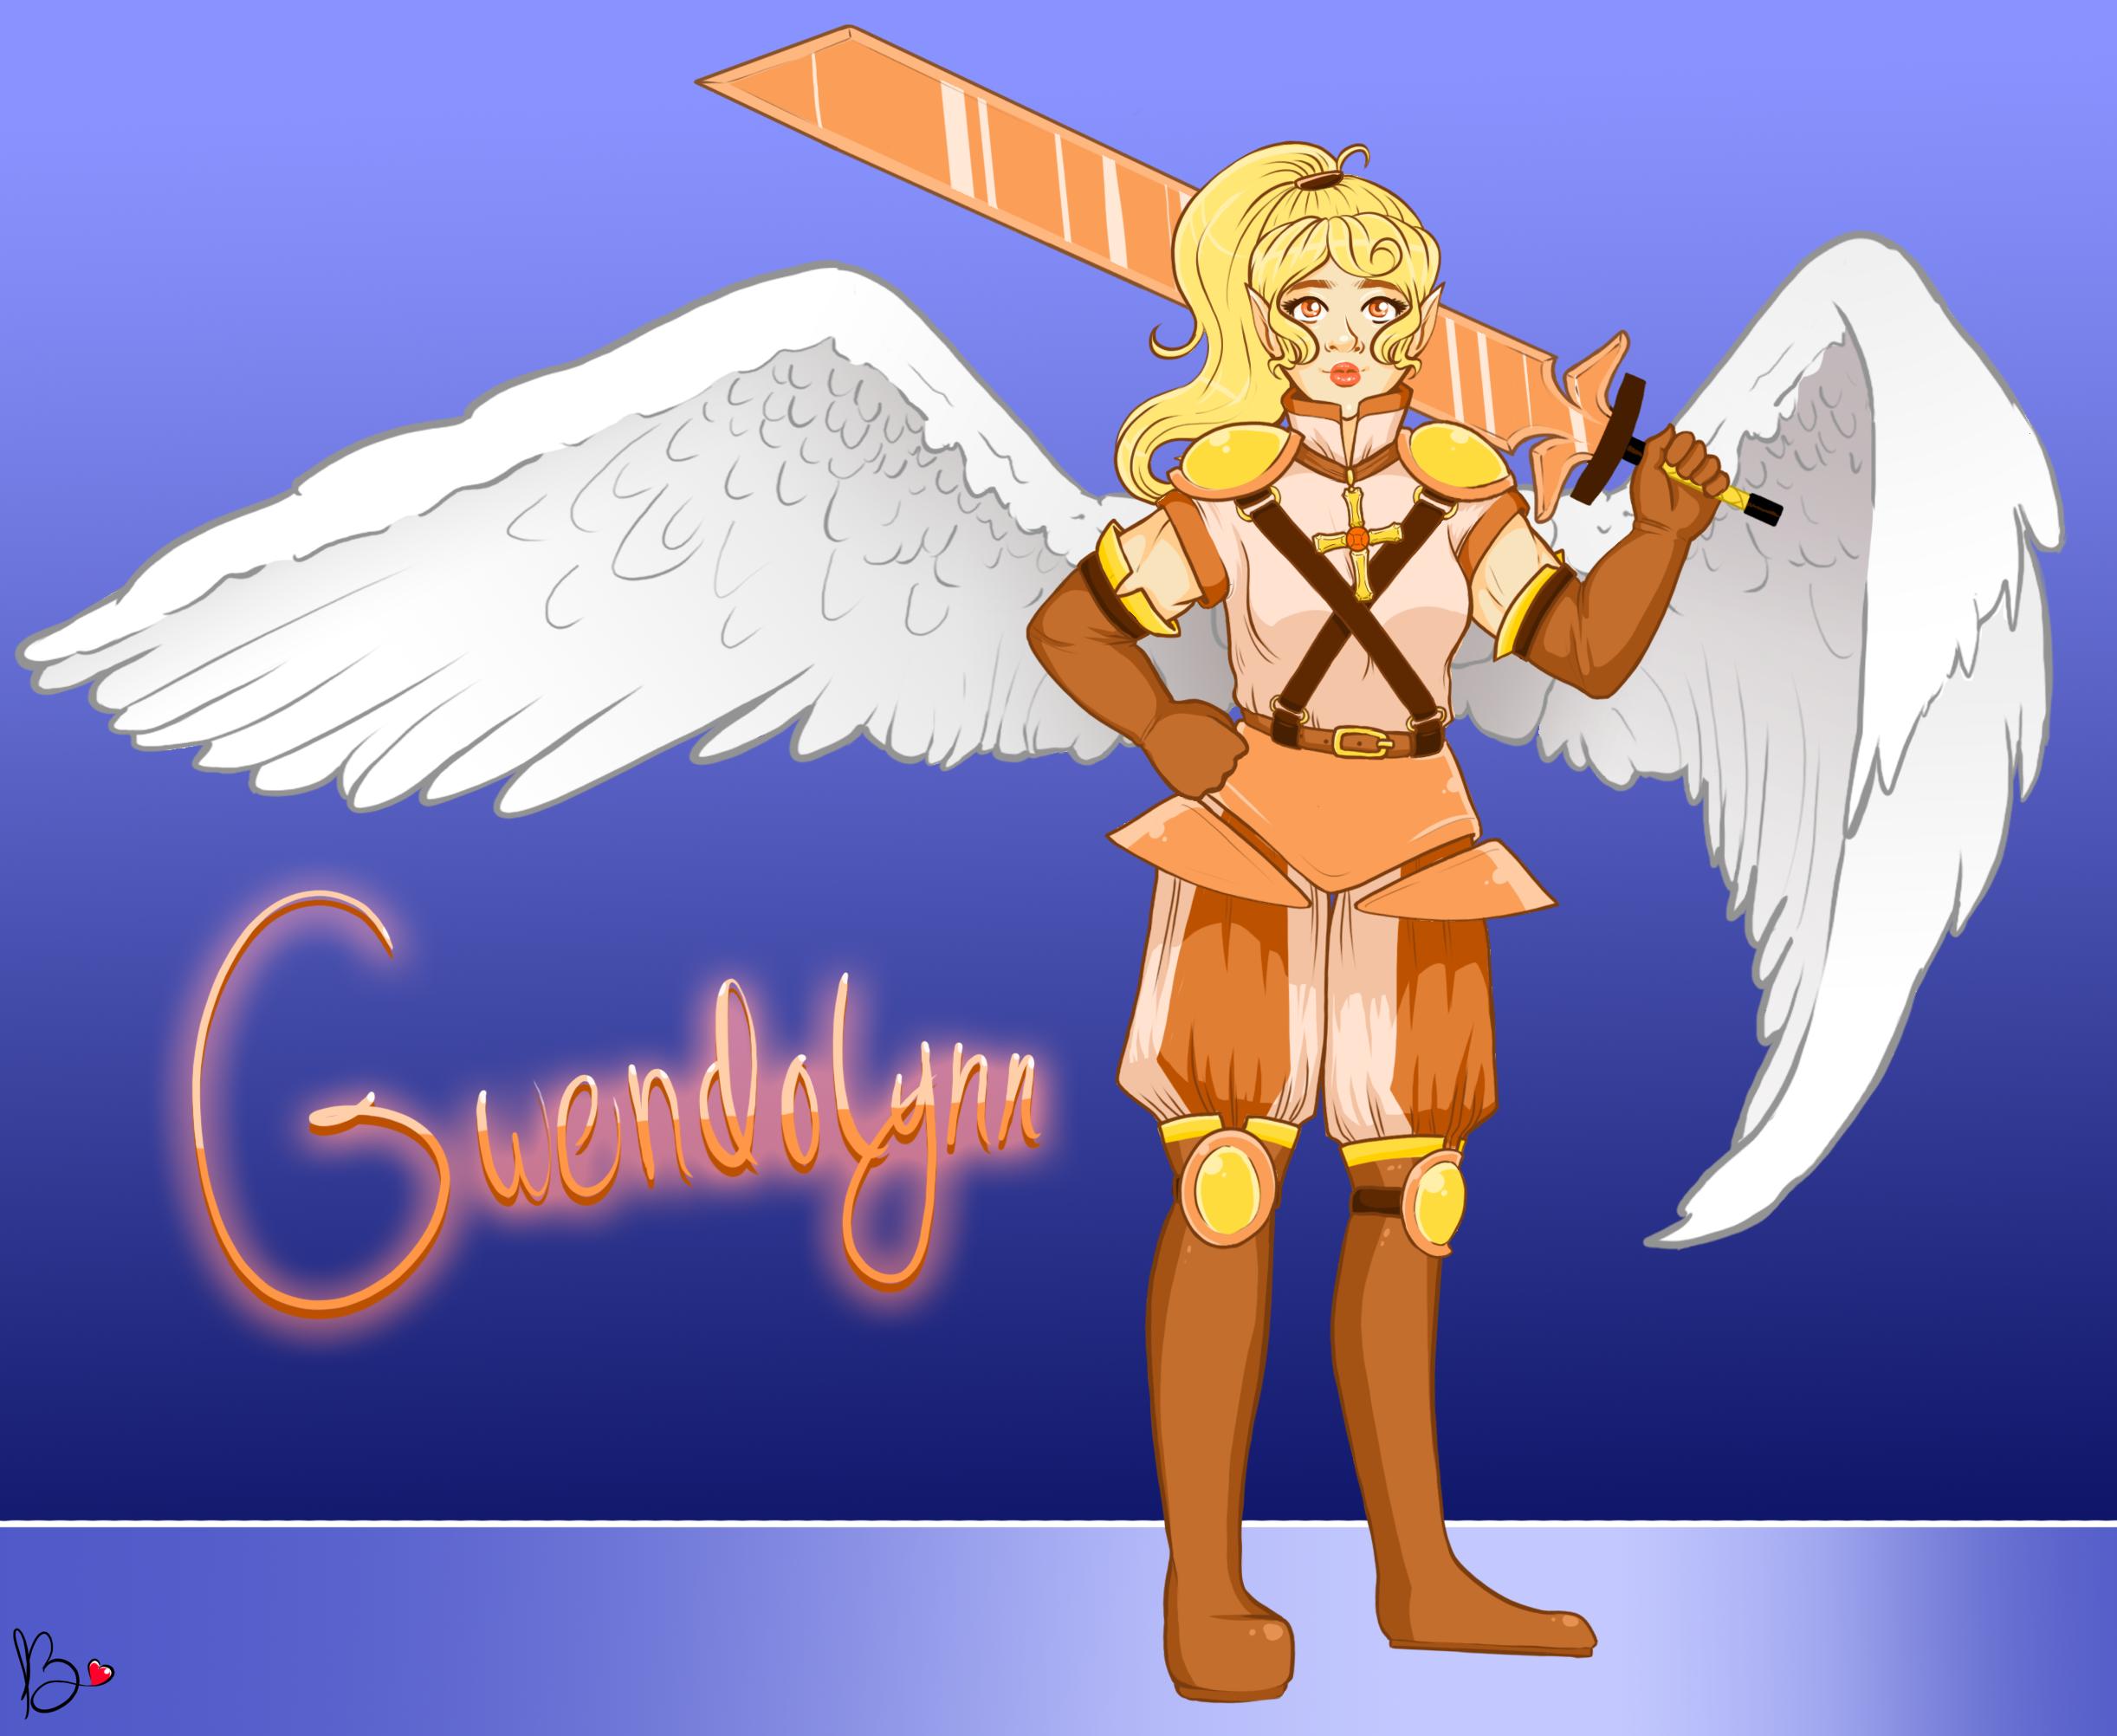 Gwendolynn